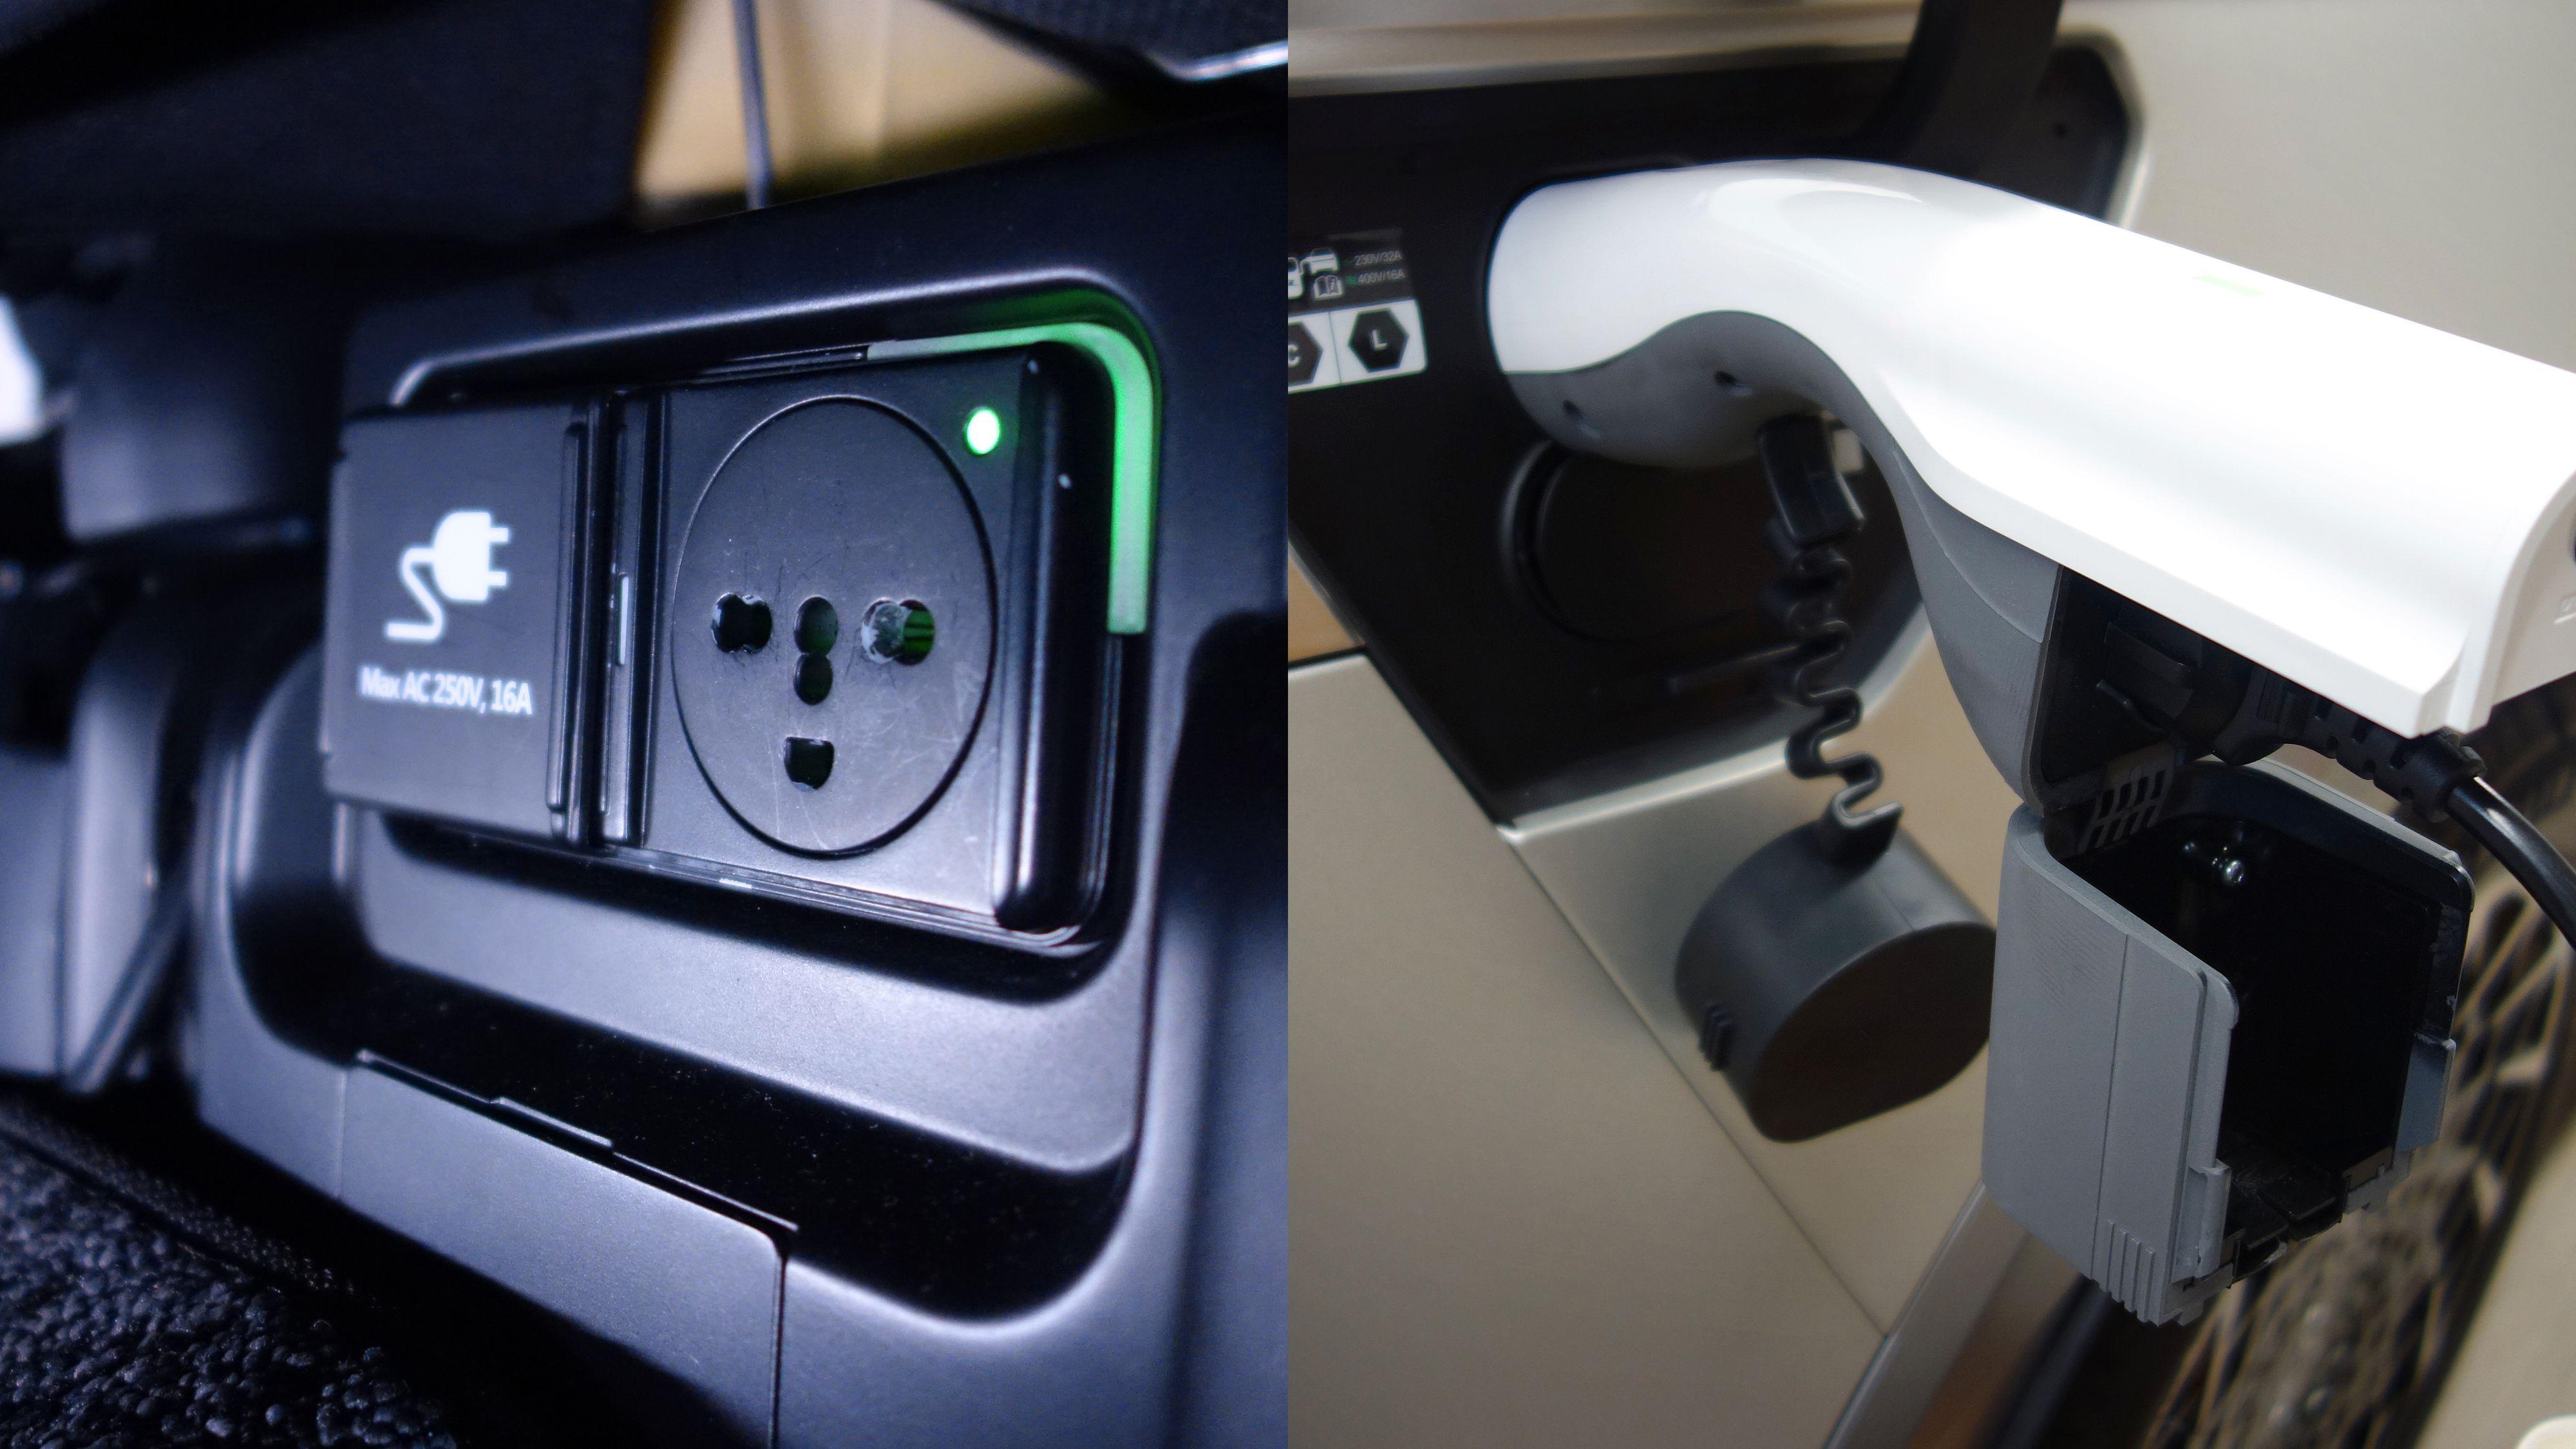 Til venstre strømuttaket under baksetet. Til høyre adapterløsningen for å bruke ladeporten som stikkontakt.